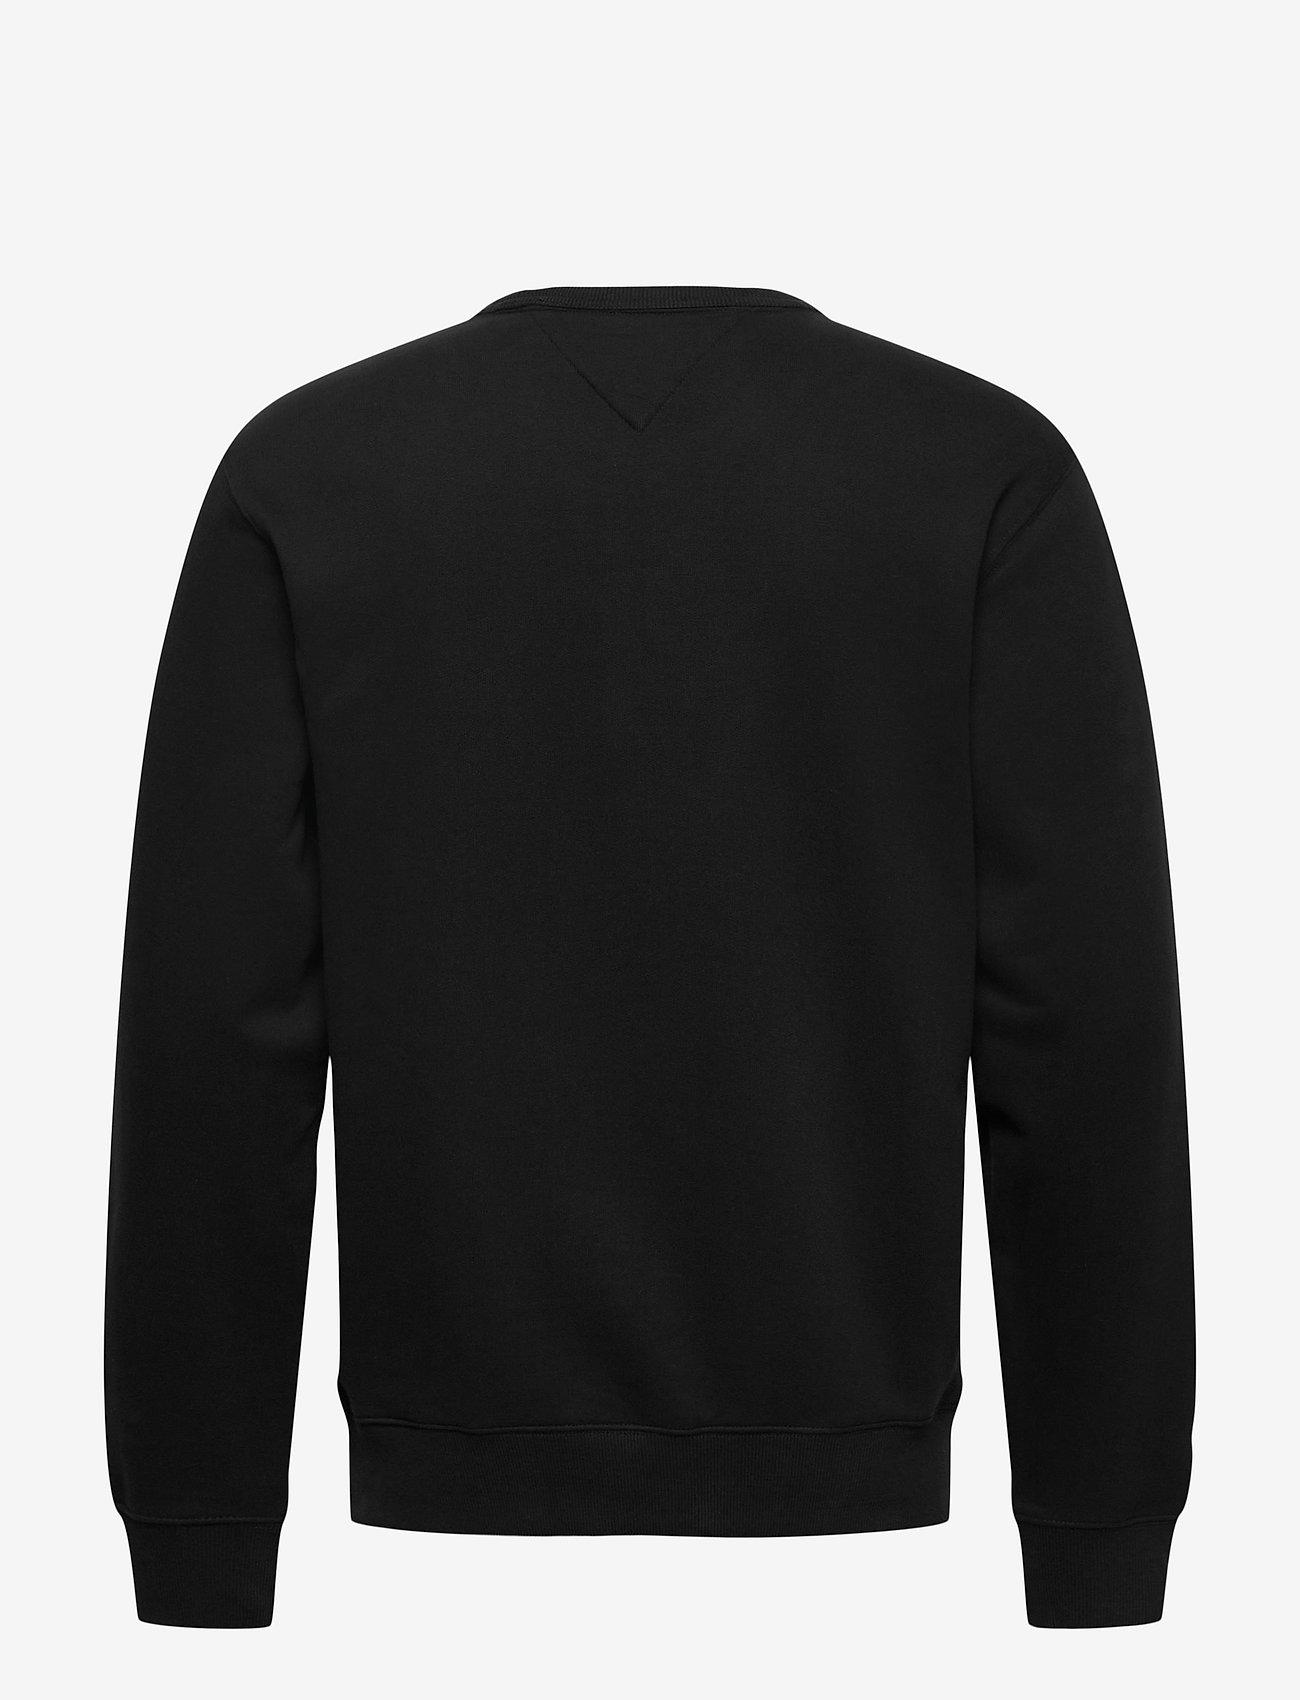 Tommy Jeans - TJM TIMELESS TOMMY CREW 2 C - kläder - black - 1